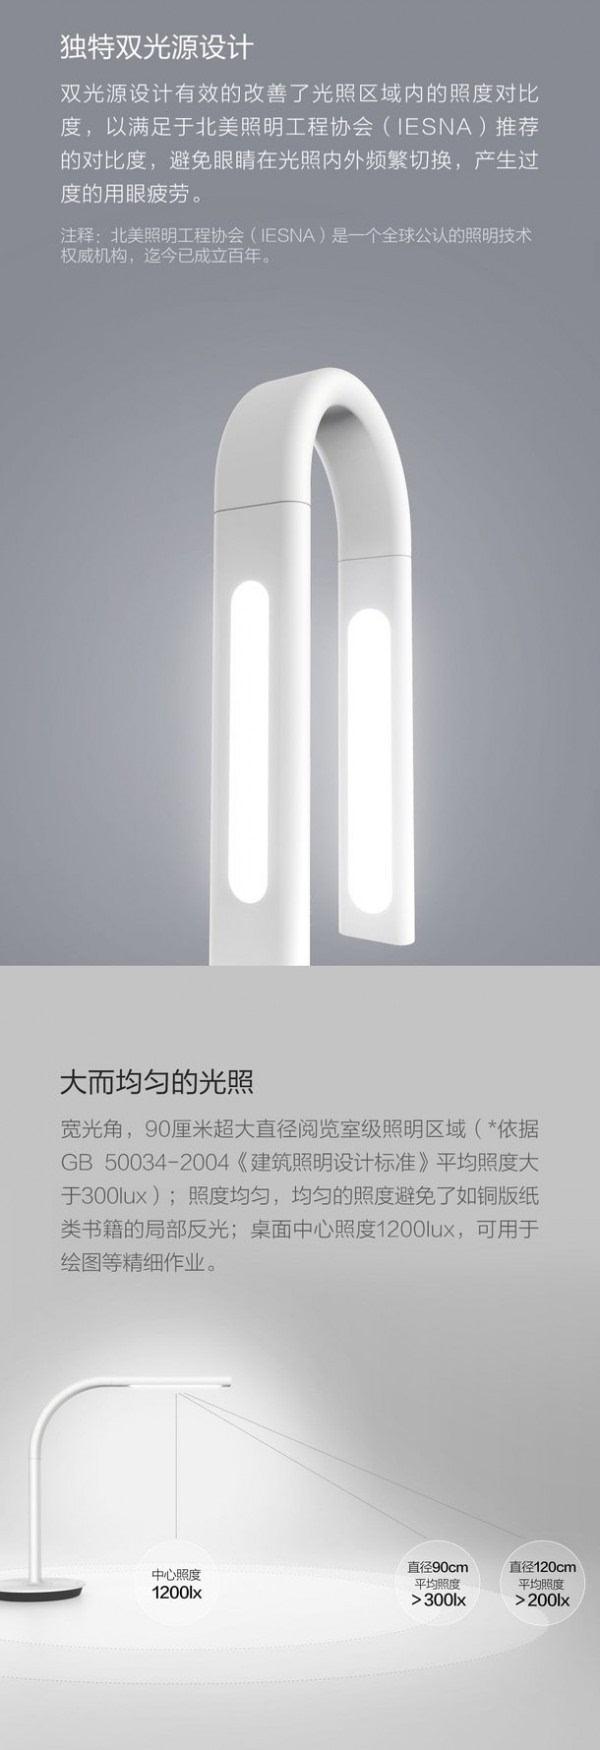 199元:小米正式发布飞利浦智睿台灯二代 双光源设计的照片 - 2